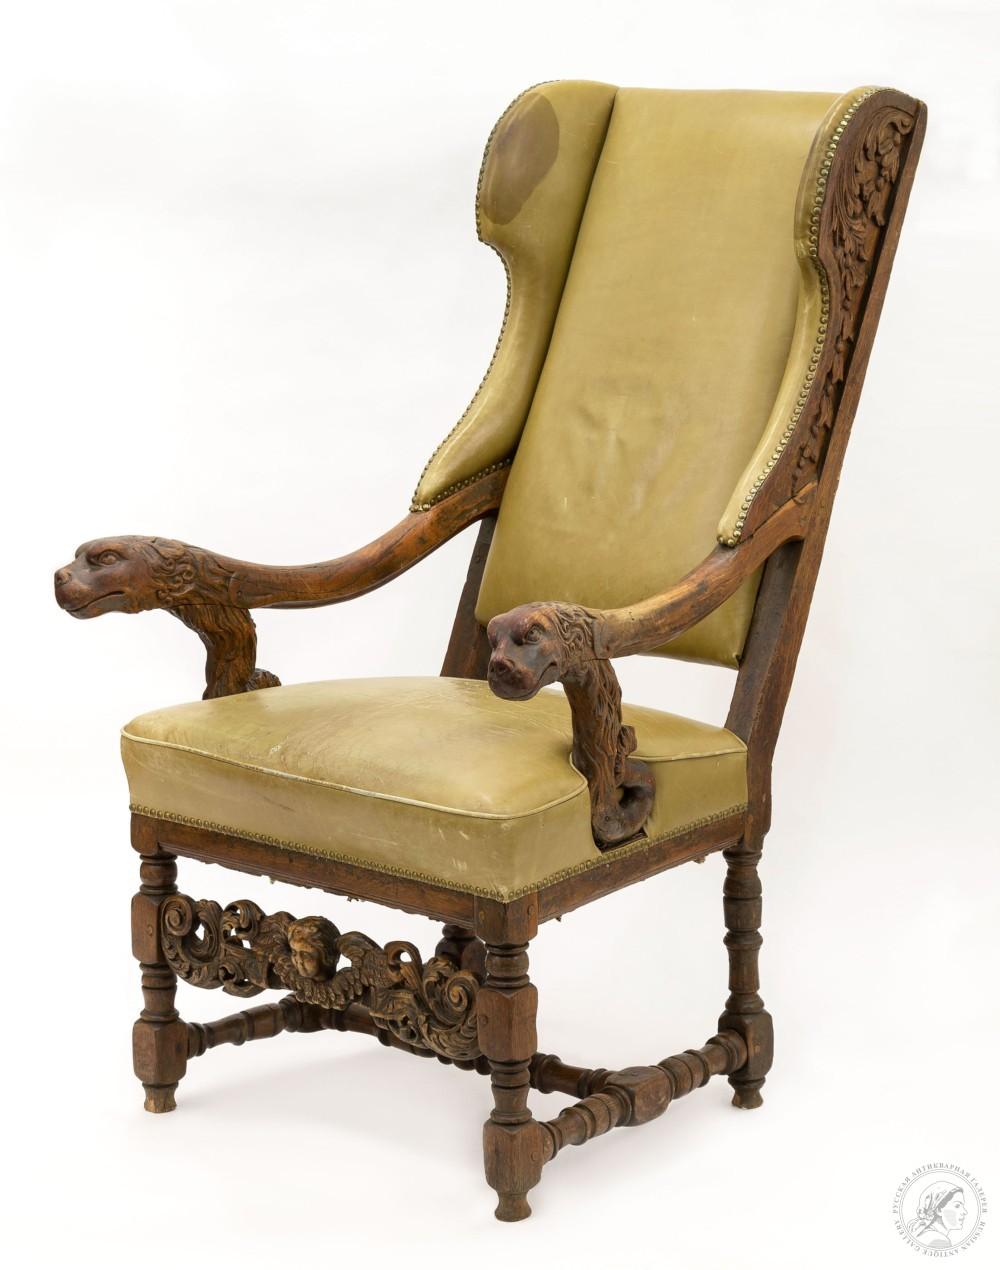 Кресло кабинетное с мягкой спинкой из массива ореха в стиле Ренессанс с резными фигурами